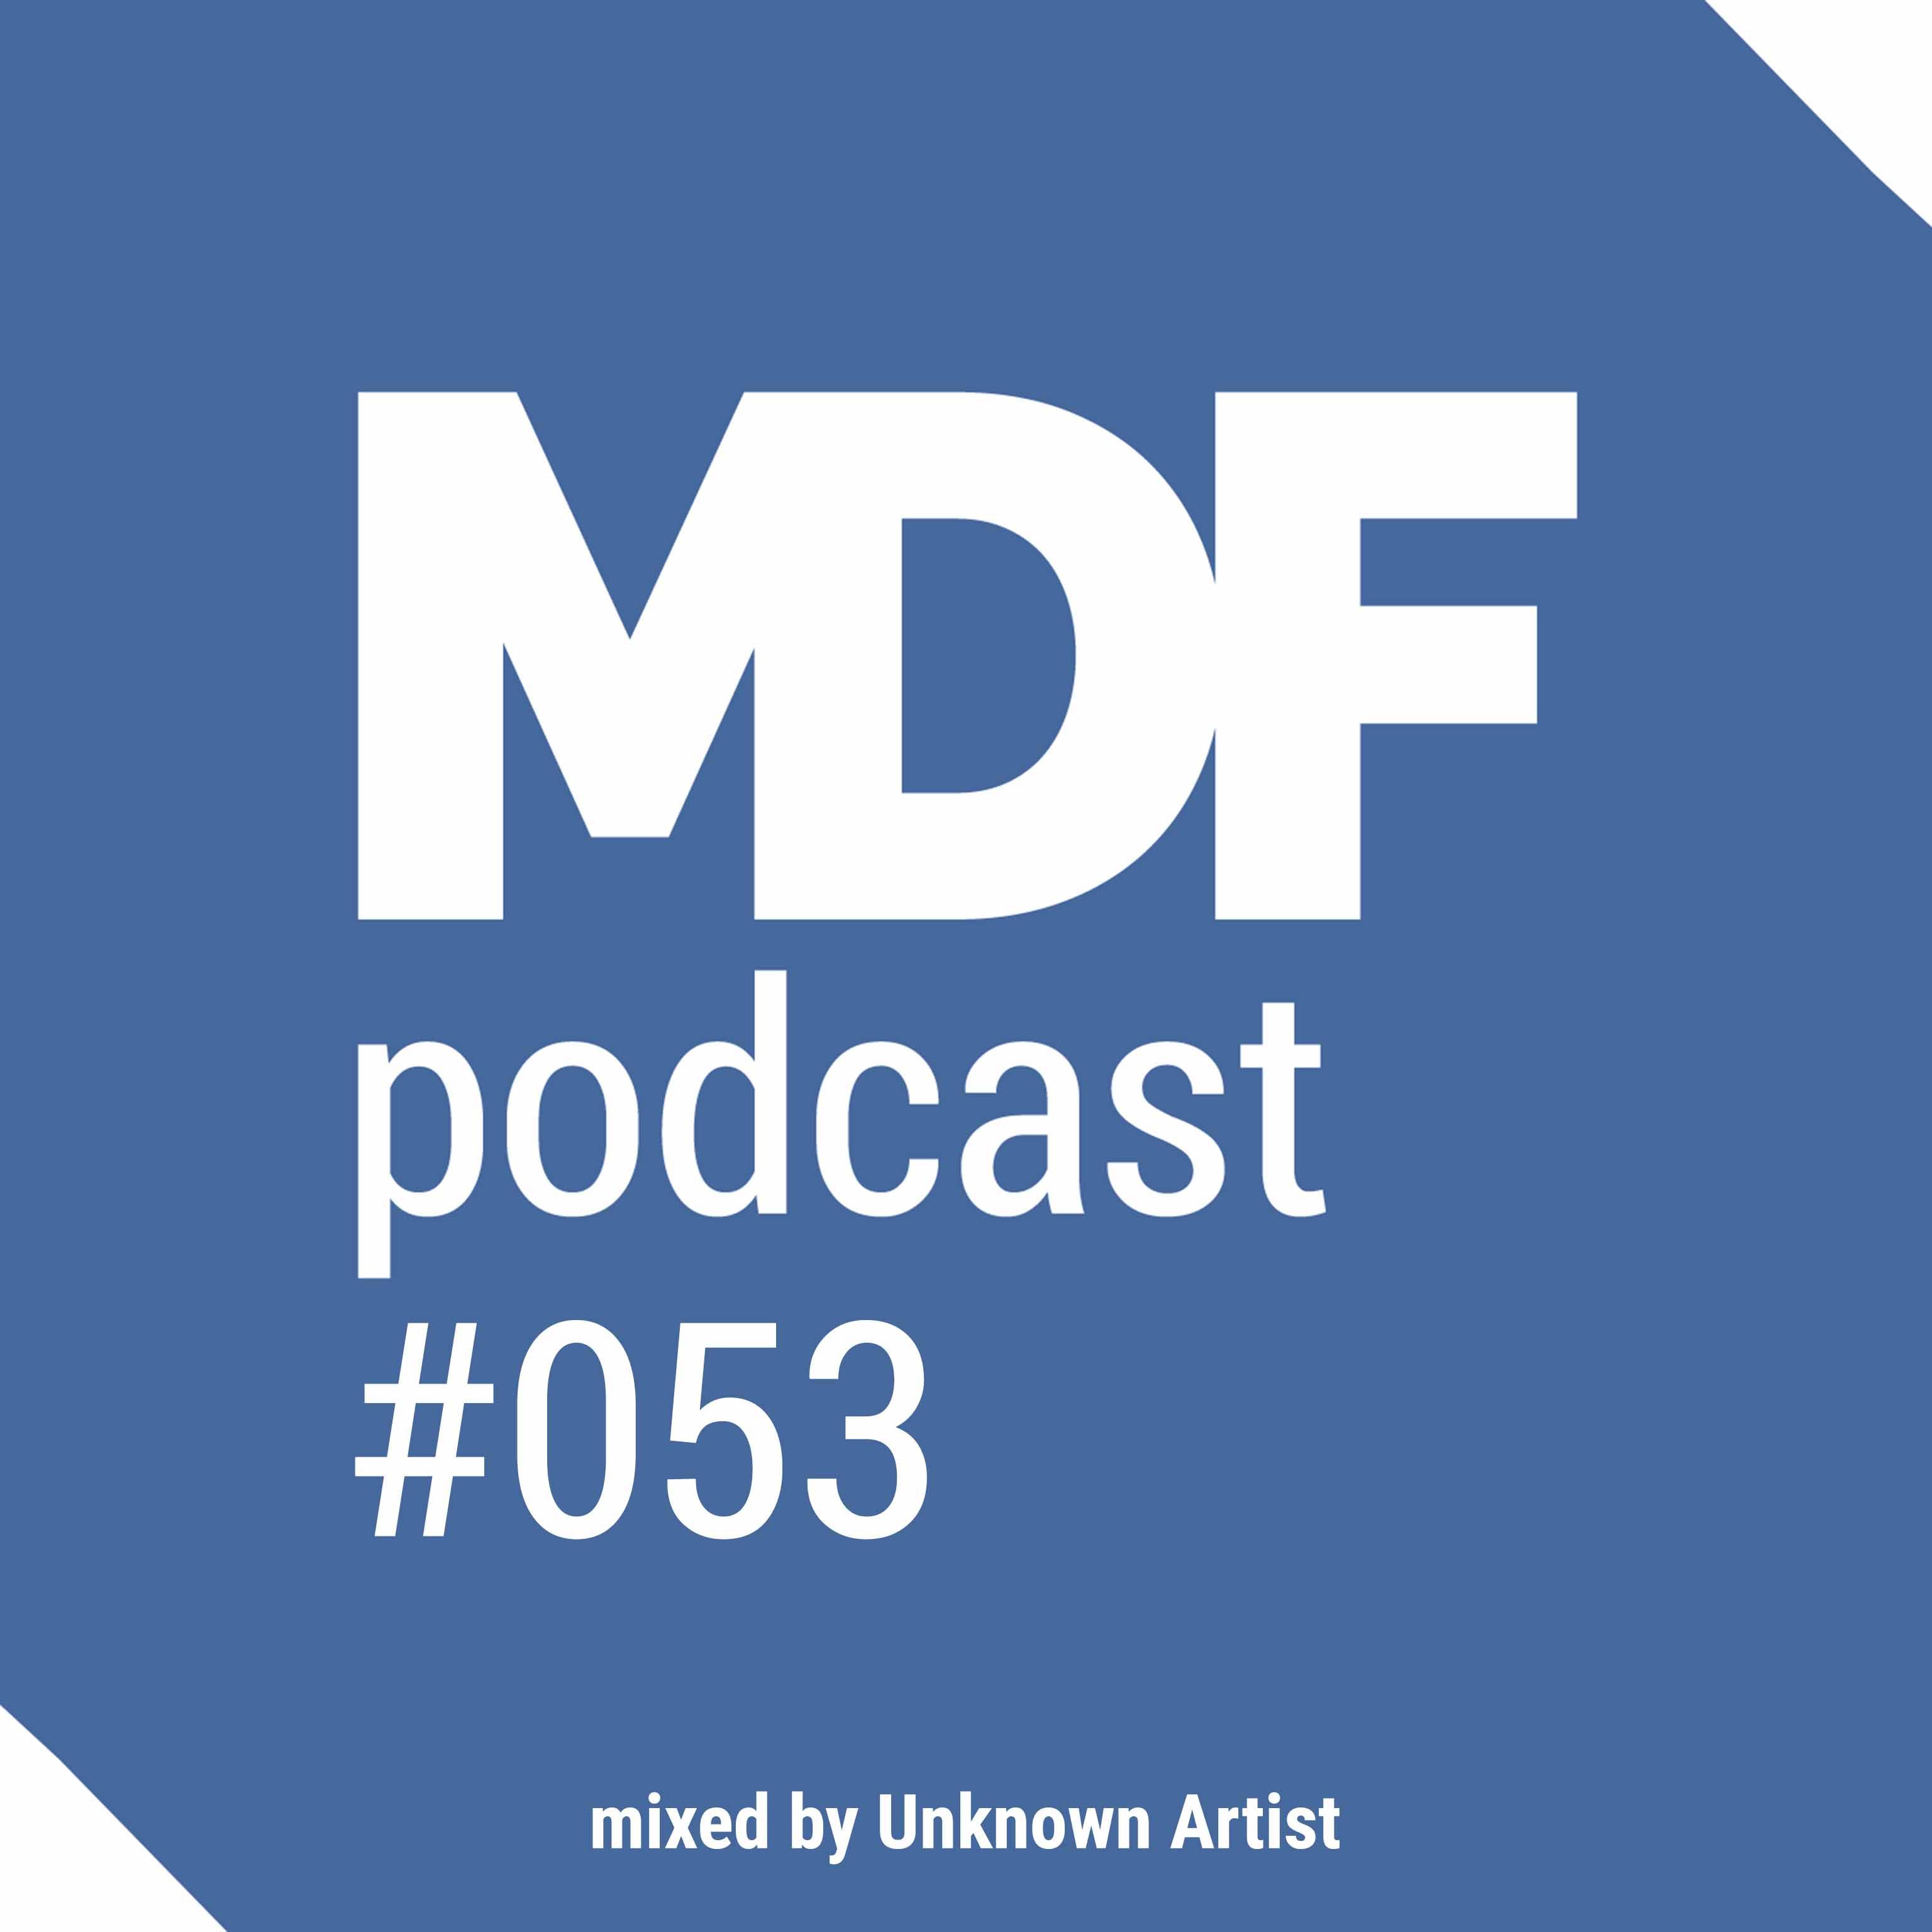 MDF Podcast o53